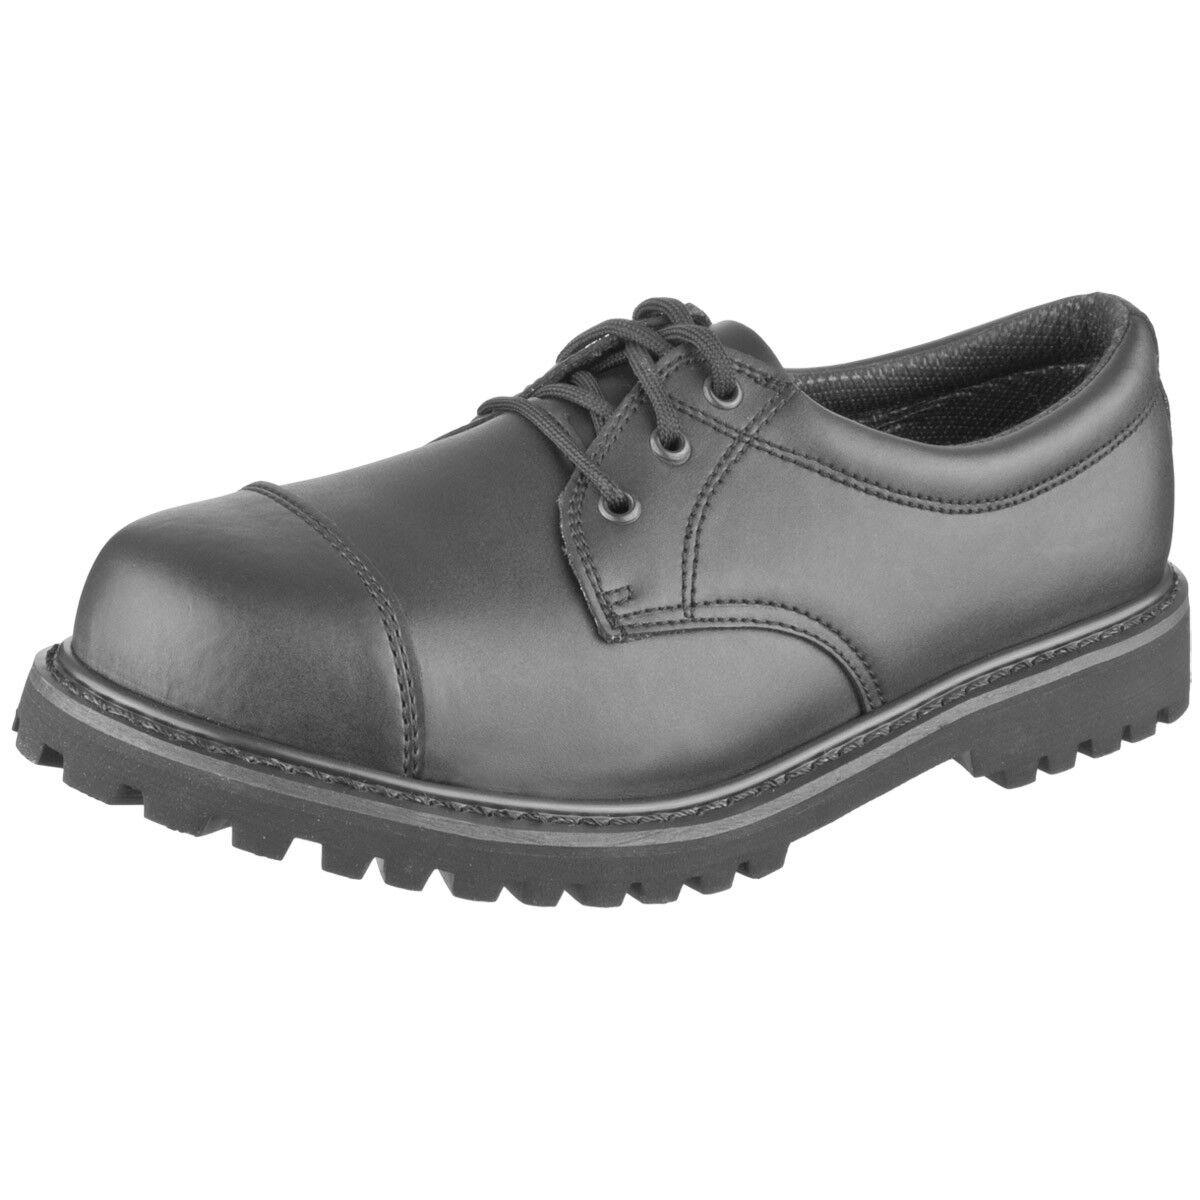 Brandit Militär Phantom Stiefel Armee Polizei Cadet Leder Schuhe 3 Öse schwarz